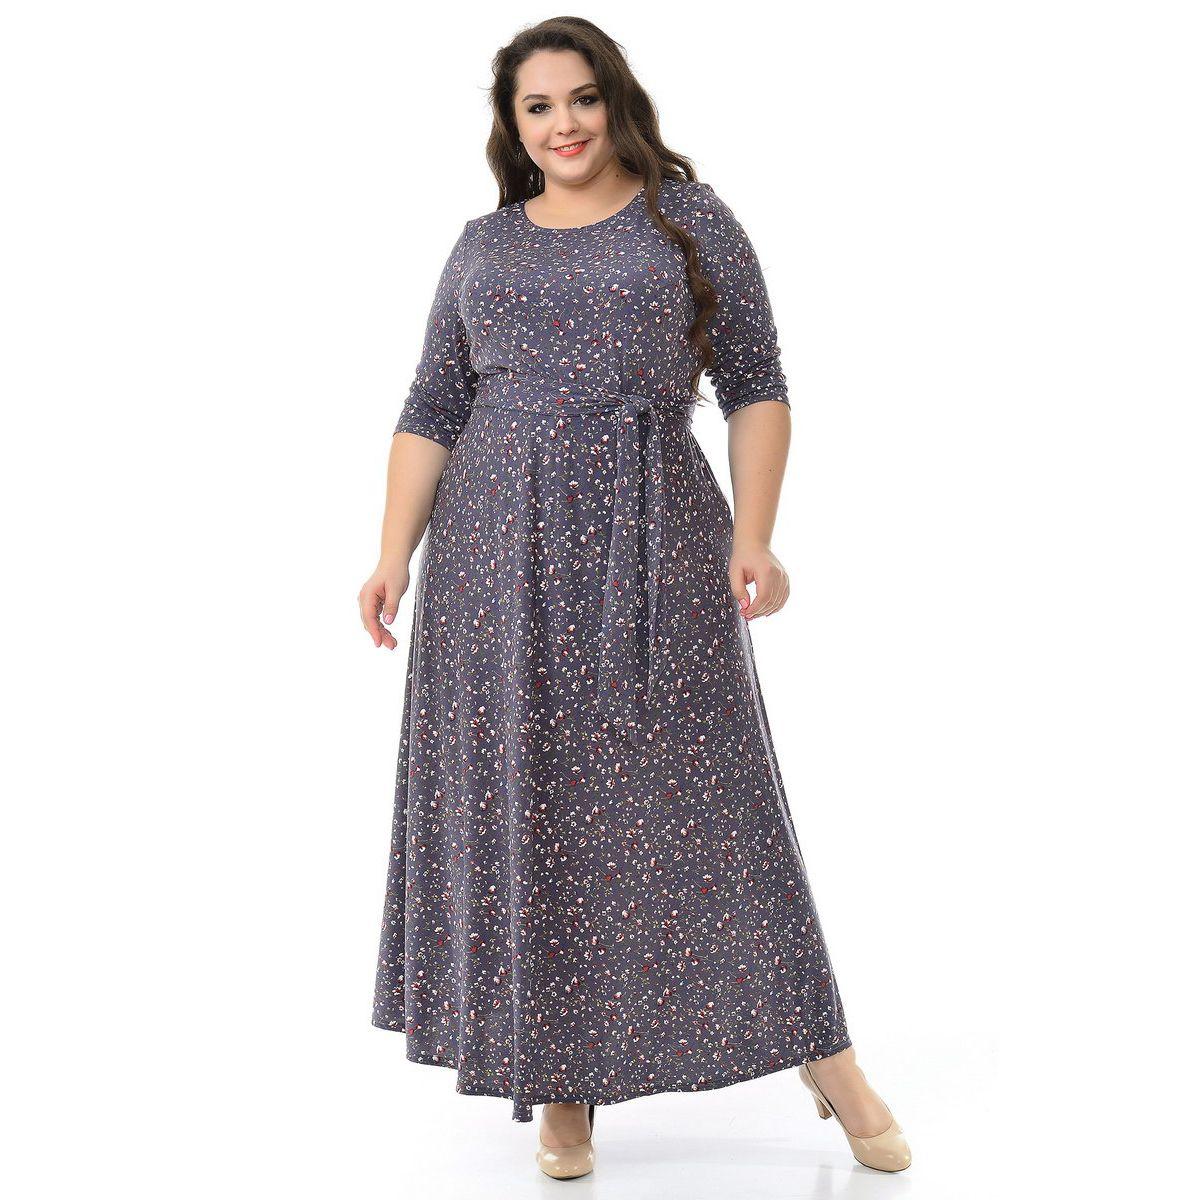 Платье в пол с рукавами 3/4, принт антрацитовый